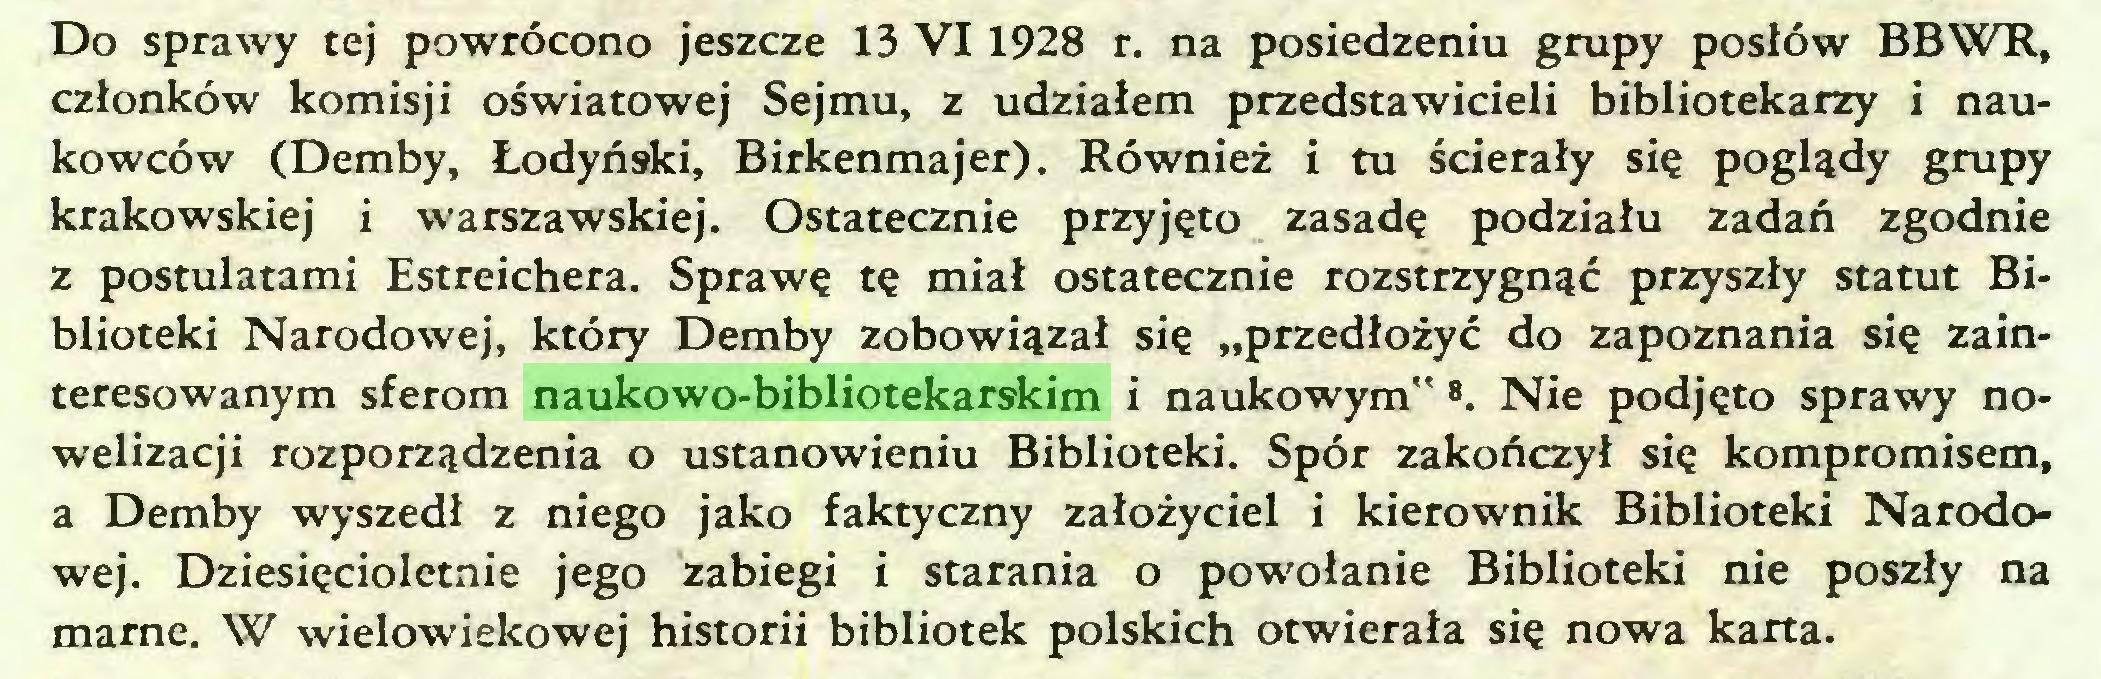 """(...) Do sprawy tej powrócono jeszcze 13 VI 1928 r. na posiedzeniu grupy posłów BBWR, członków komisji oświatowej Sejmu, z udziałem przedstawicieli bibliotekarzy i naukowców (Demby, Łodyński, Birkenmajer). Również i tu ścierały się poglądy grupy krakowskiej i warszawskiej. Ostatecznie przyjęto zasadę podziału zadań zgodnie z postulatami Estreichera. Sprawę tę miał ostatecznie rozstrzygnąć przyszły statut Biblioteki Narodowej, który Demby zobowiązał się """"przedłożyć do zapoznania się zainteresowanym sferom naukowo-bibliotekarskim i naukowym"""" ®. Nie podjęto sprawy nowelizacji rozporządzenia o ustanowieniu Biblioteki. Spór zakończył się kompromisem, a Demby wyszedł z niego jako faktyczny założyciel i kierownik Biblioteki Narodowej. Dziesięcioletnie jego zabiegi i starania o powołanie Biblioteki nie poszły na marne. W wielowiekowej historii bibliotek polskich otwierała się nowa karta..."""